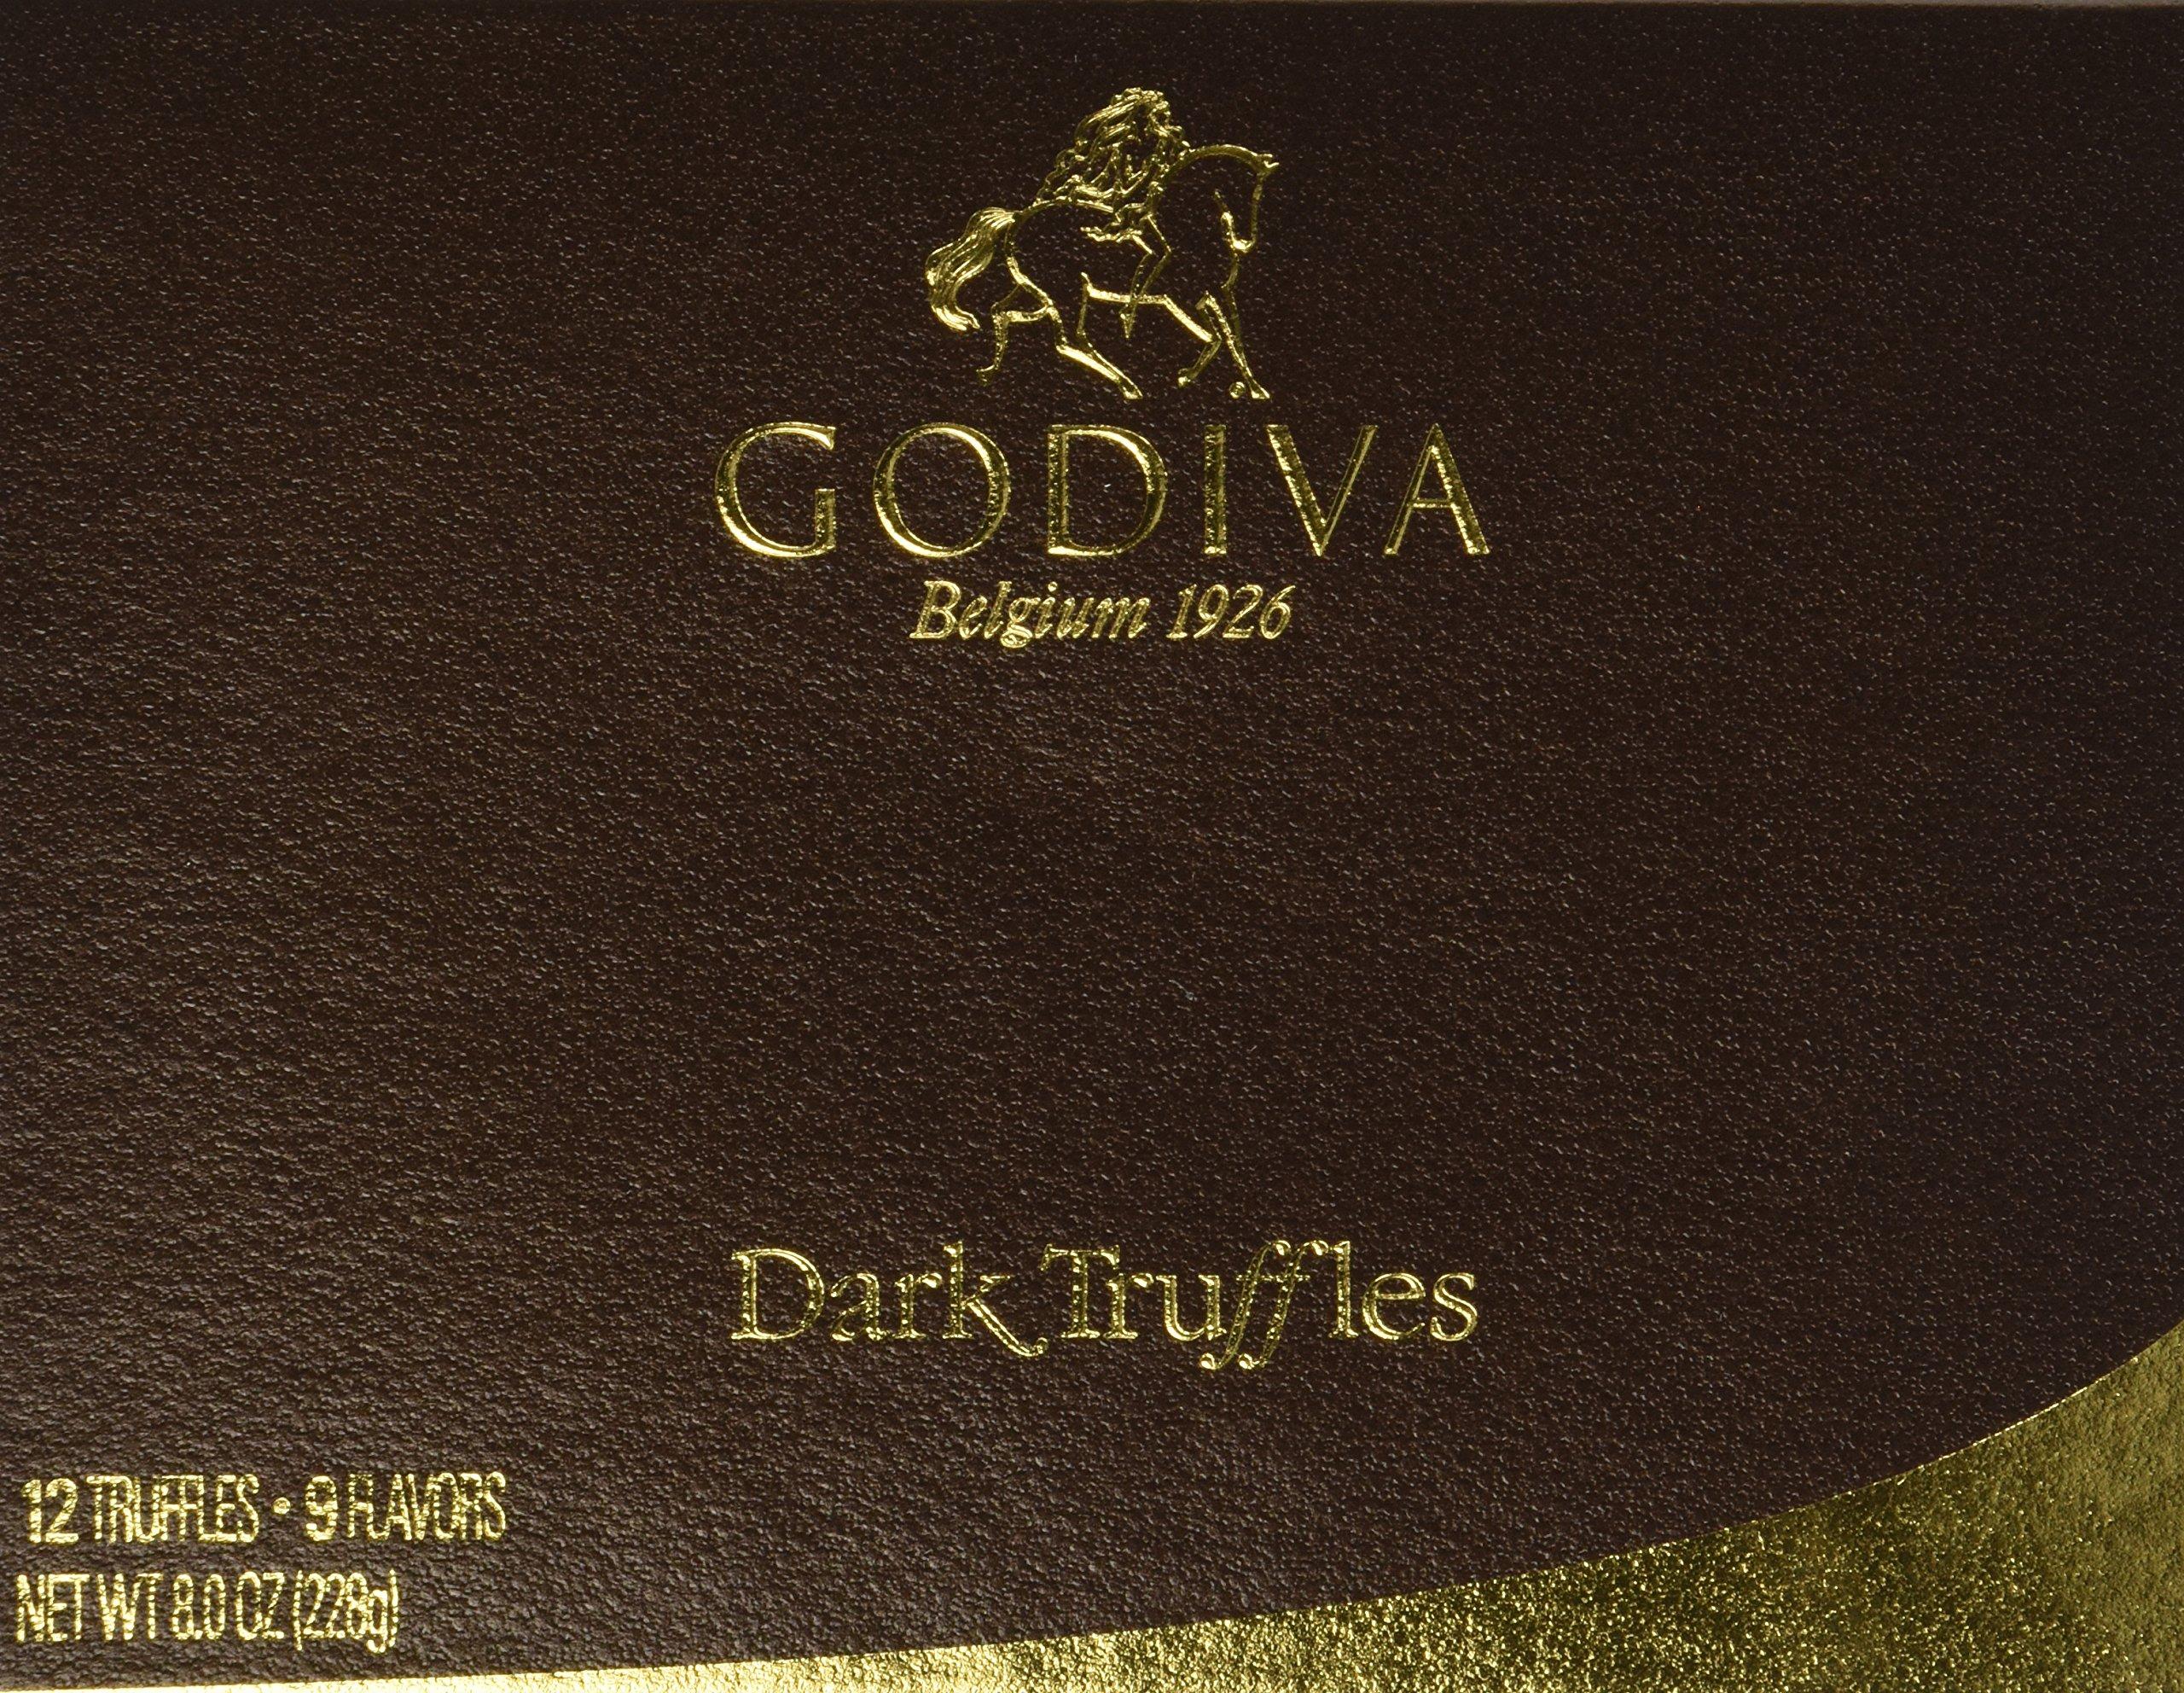 Godiva Dark Chocolate Truffles Gift Box (12pcs) by GODIVA Chocolatier